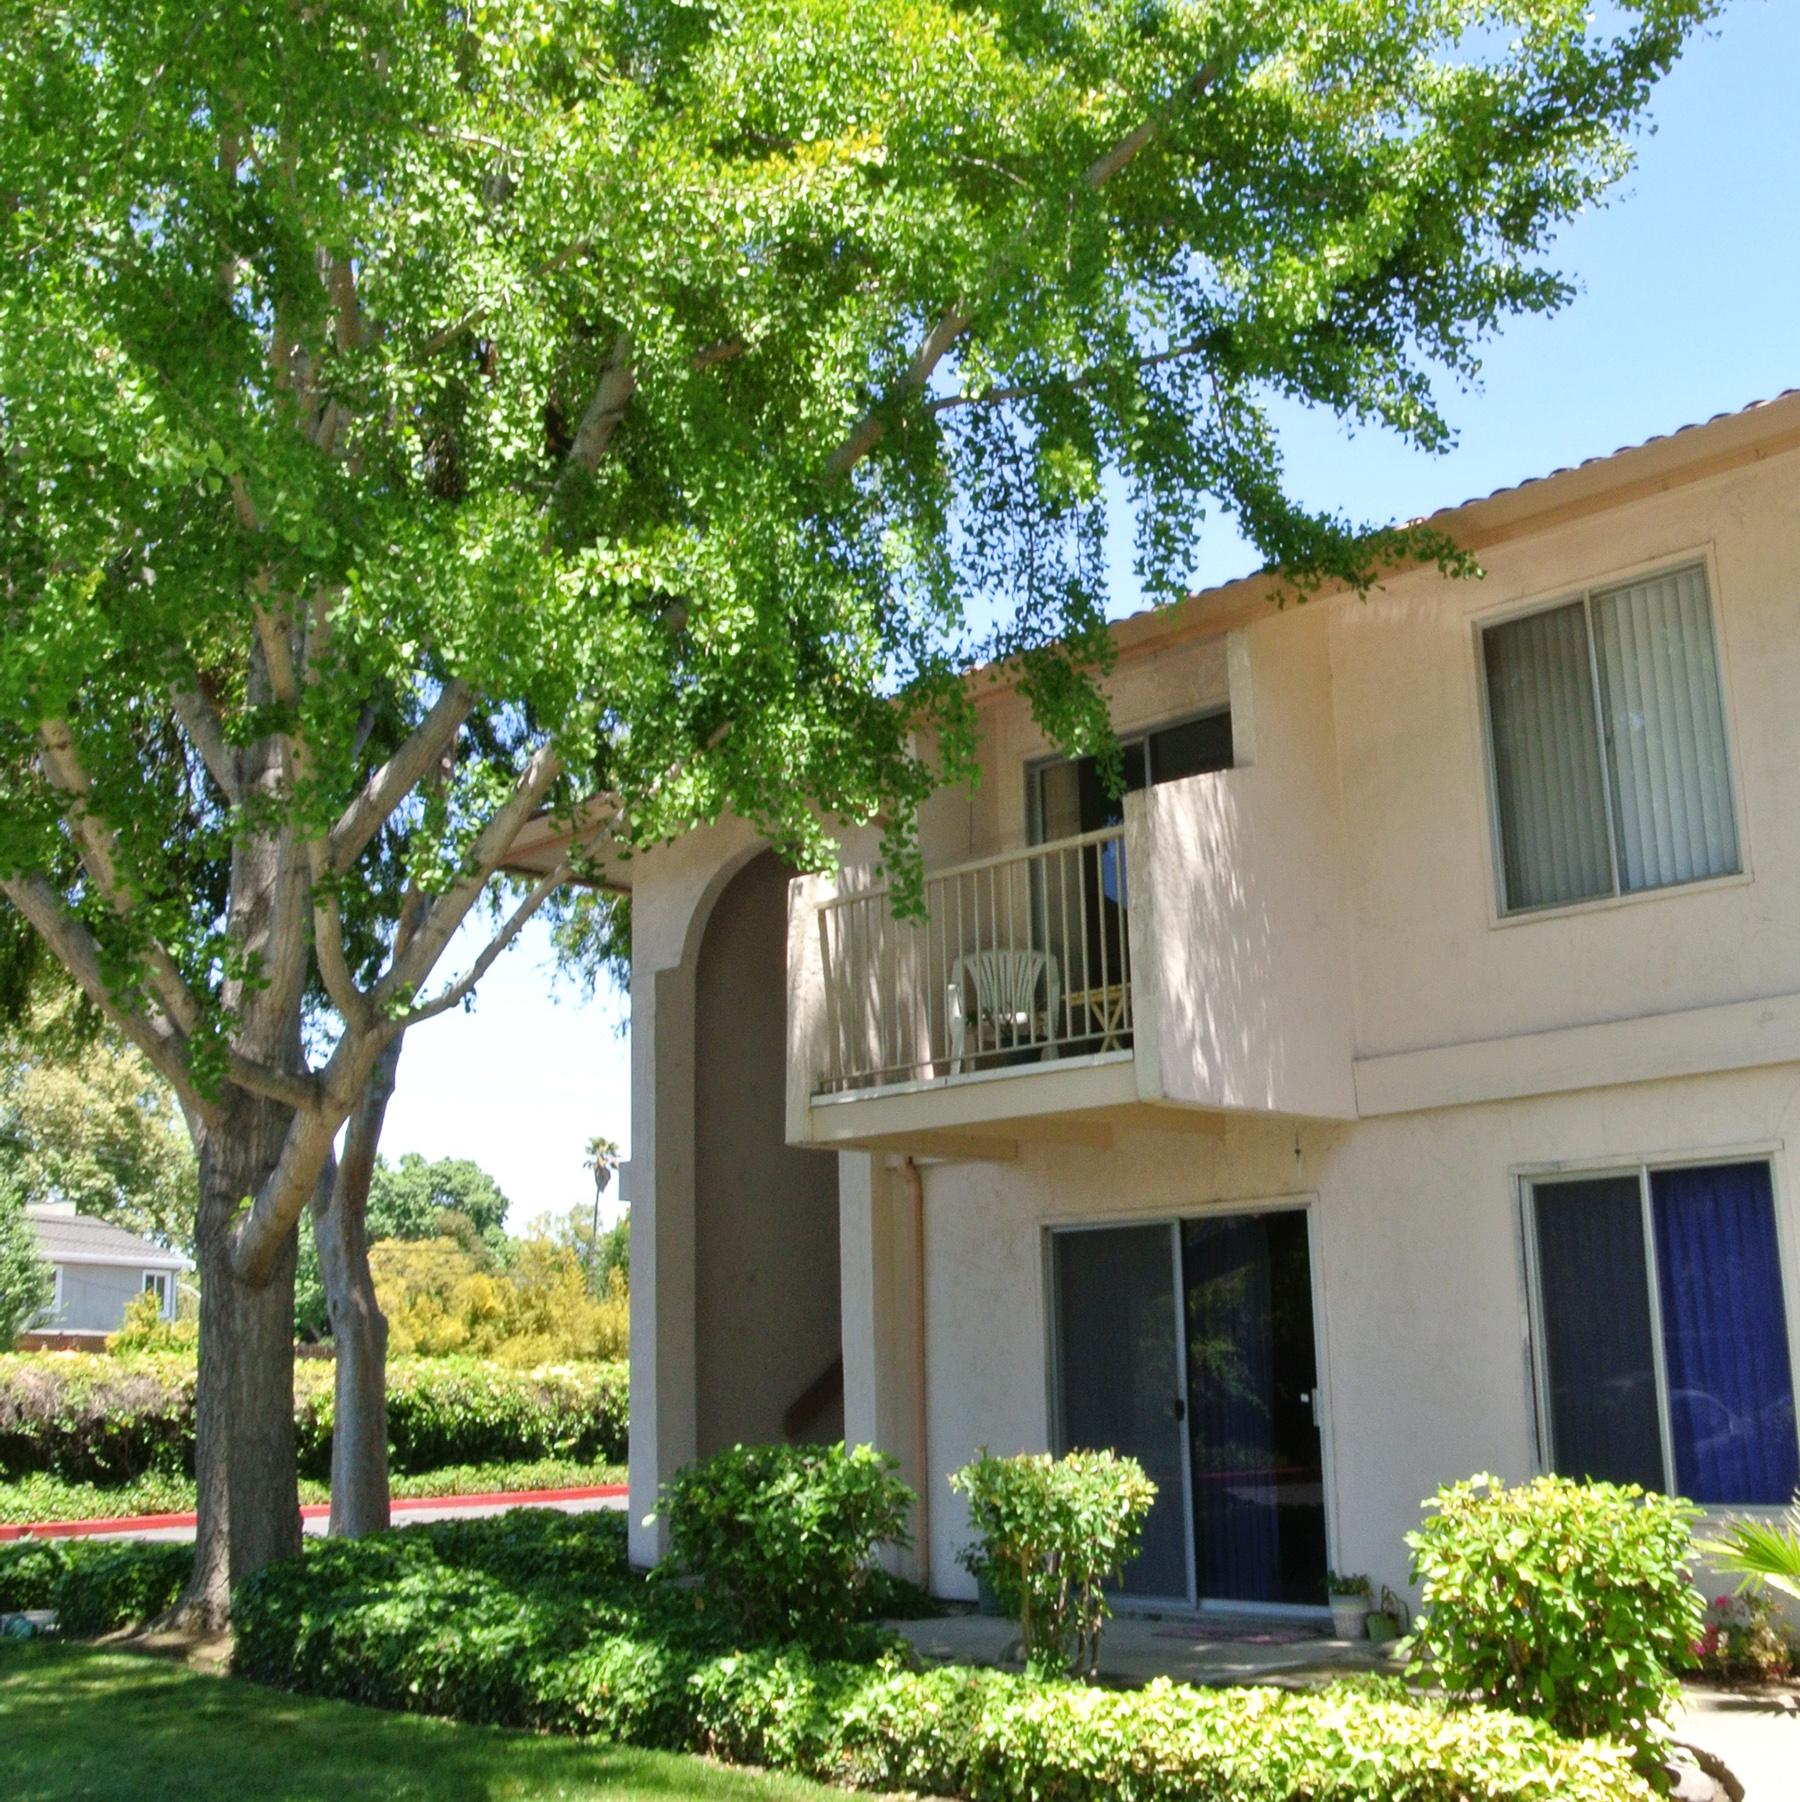 Villa Serena Senior Living Community In Santa Clara Ca At